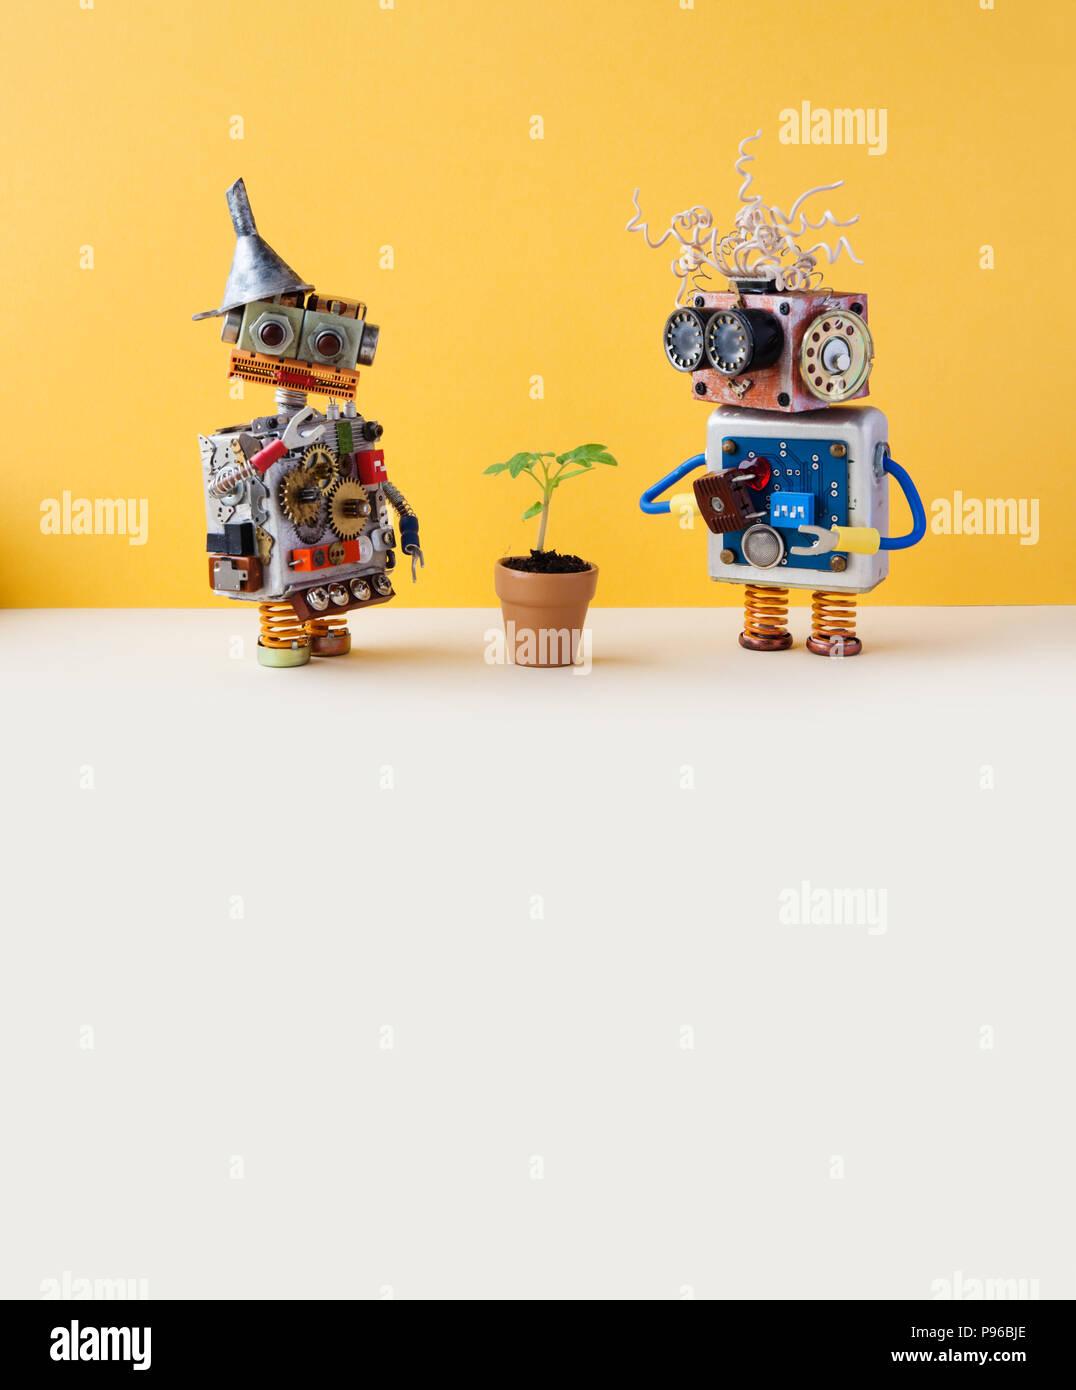 Deux robots et plante verte dans un pot en argile de fleurs. La technologie, par opposition à la vie organique, concept de l'usine. Mur jaune, blanc marbre. Copier l'espace. Photo Stock